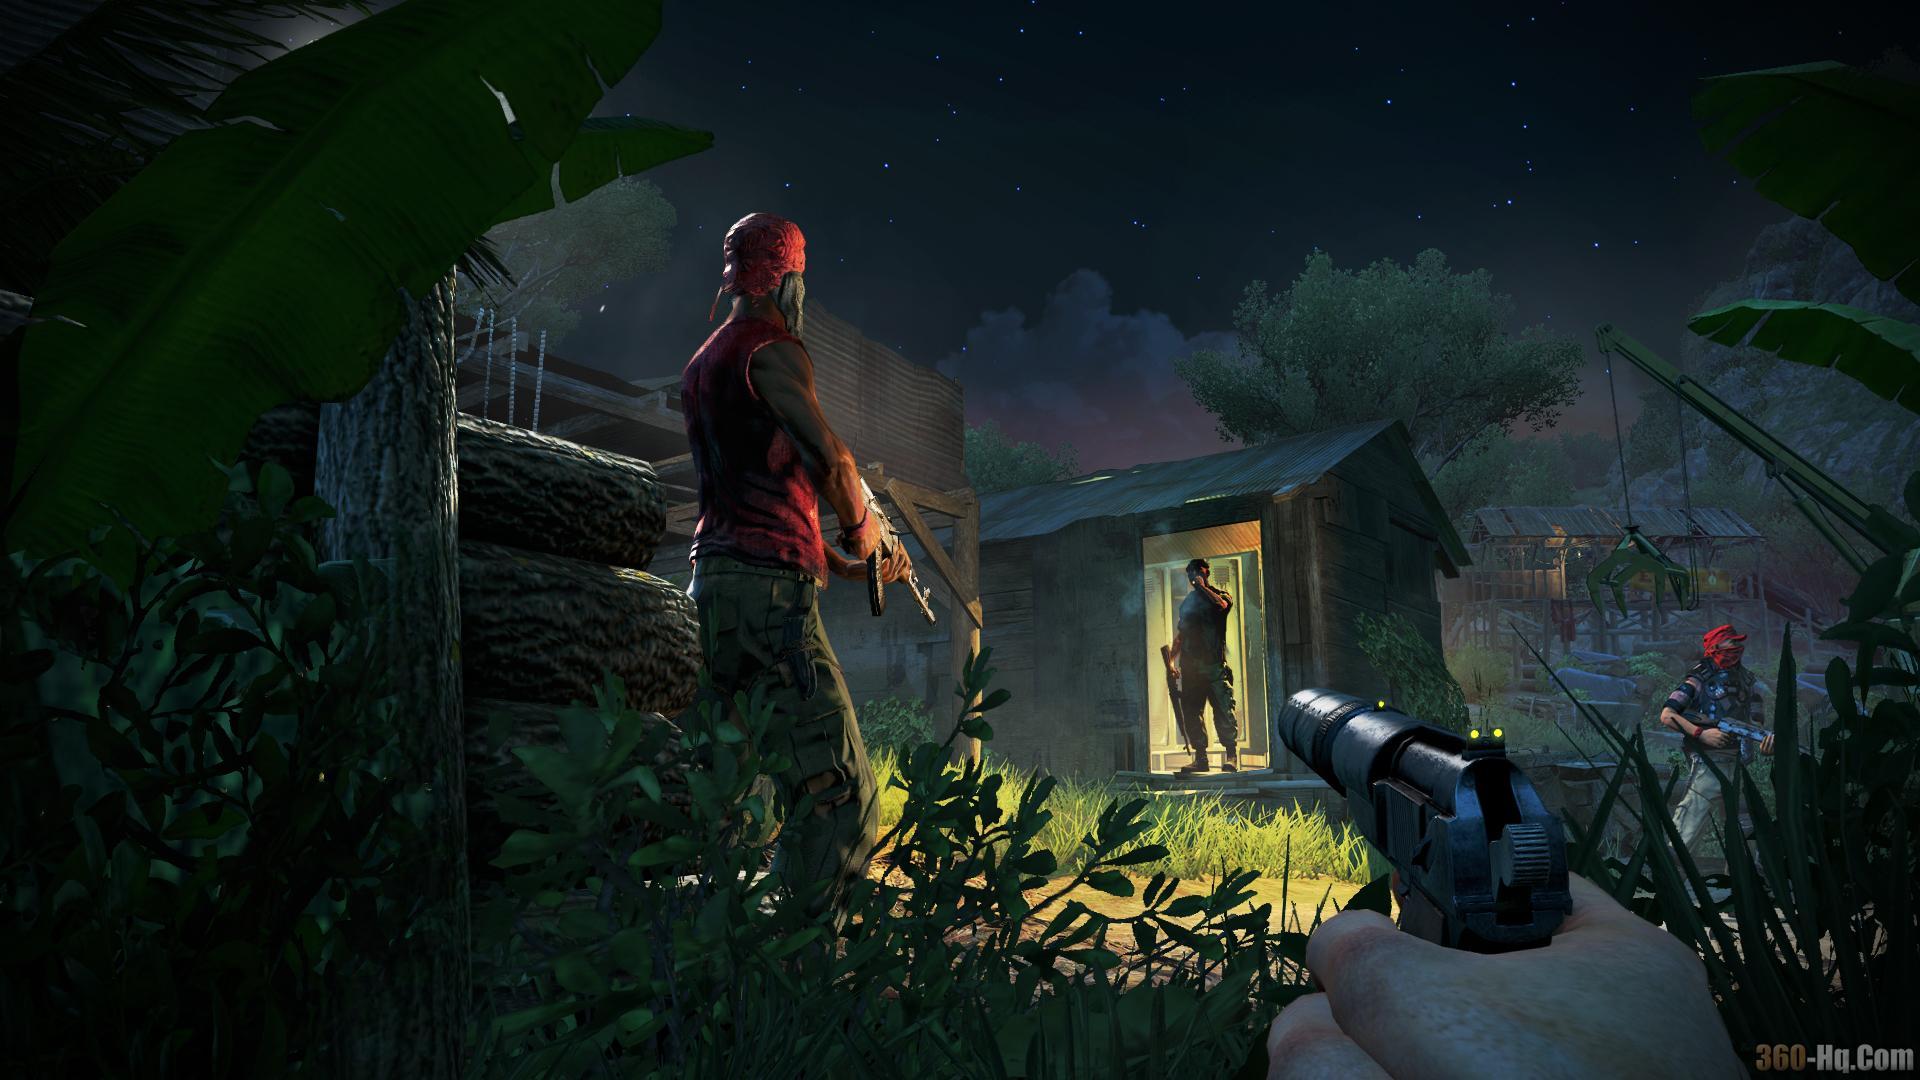 Far cry 3: blood dragon - это дополнение к зубодробительному боевику far cry 3, взгляните на будущее глазами эпохи